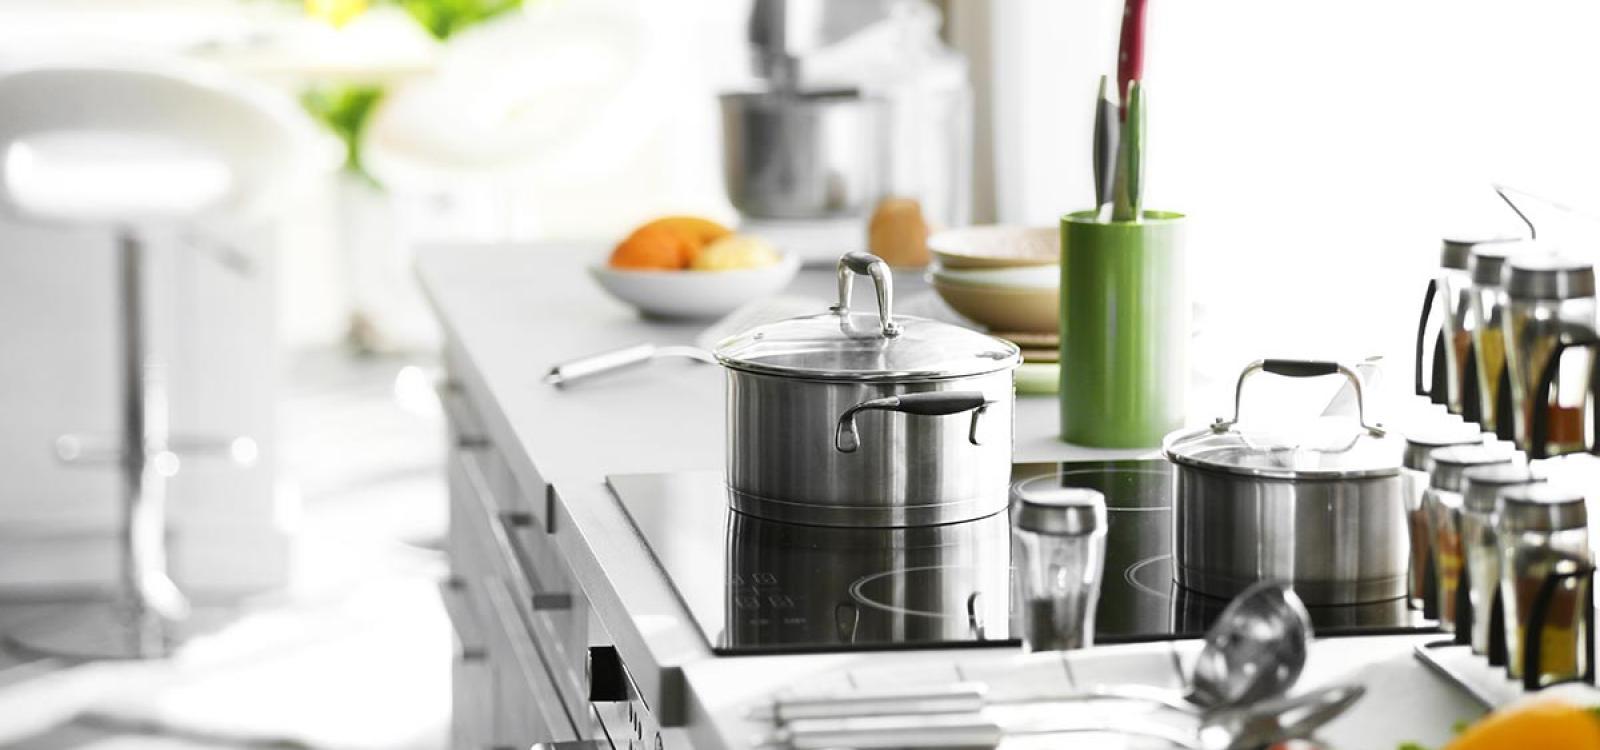 5 técnicas de cocina nuevas que debes saber